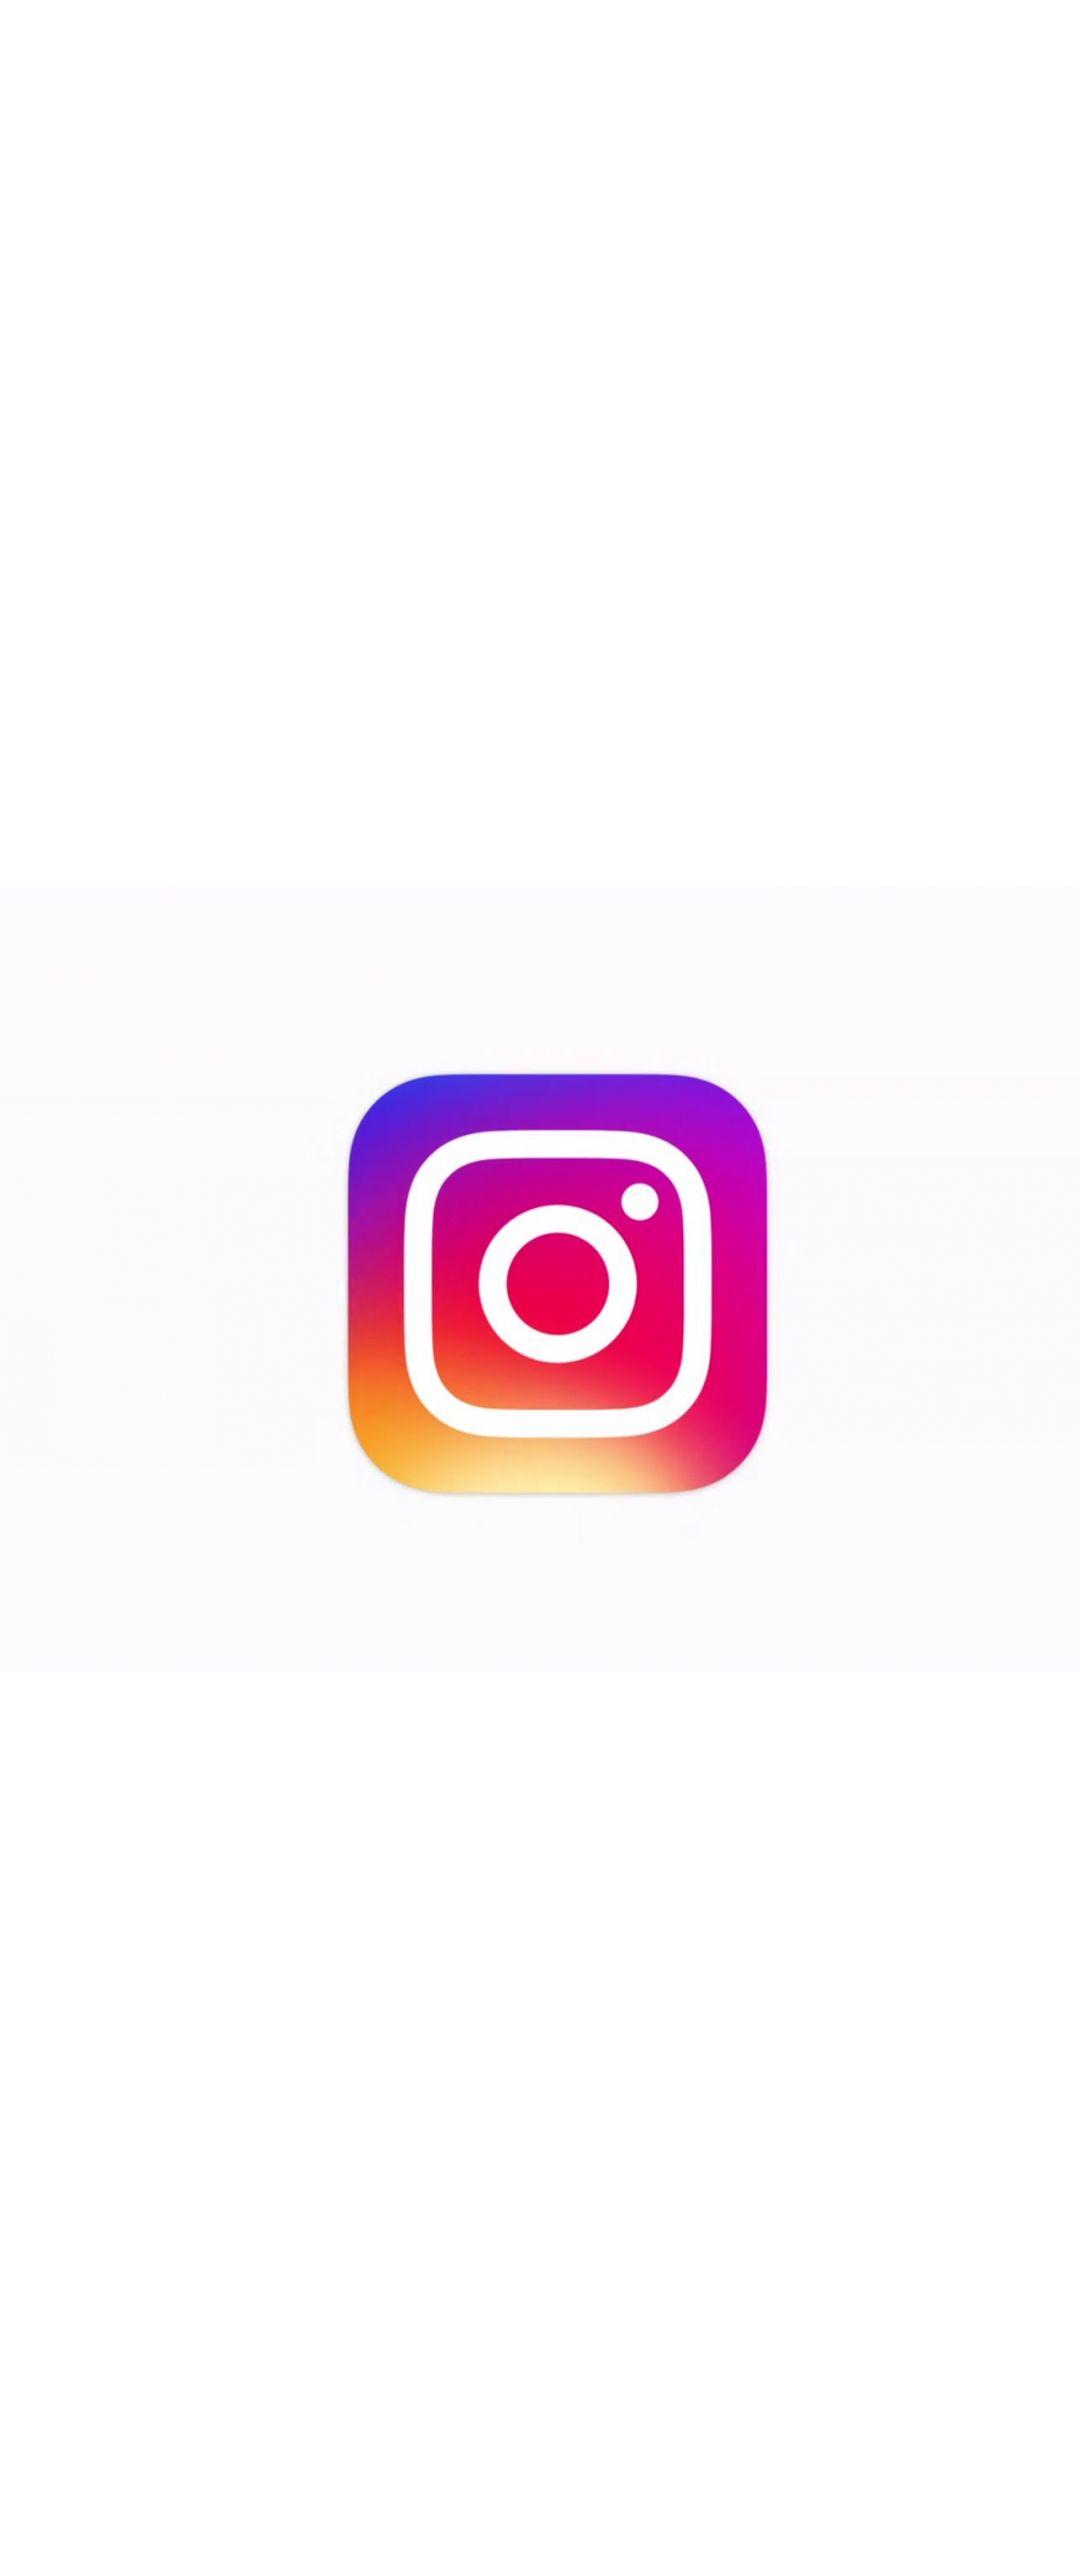 Instagram quiere darle el golpe de gracia a Snapchat con nuevas funciones